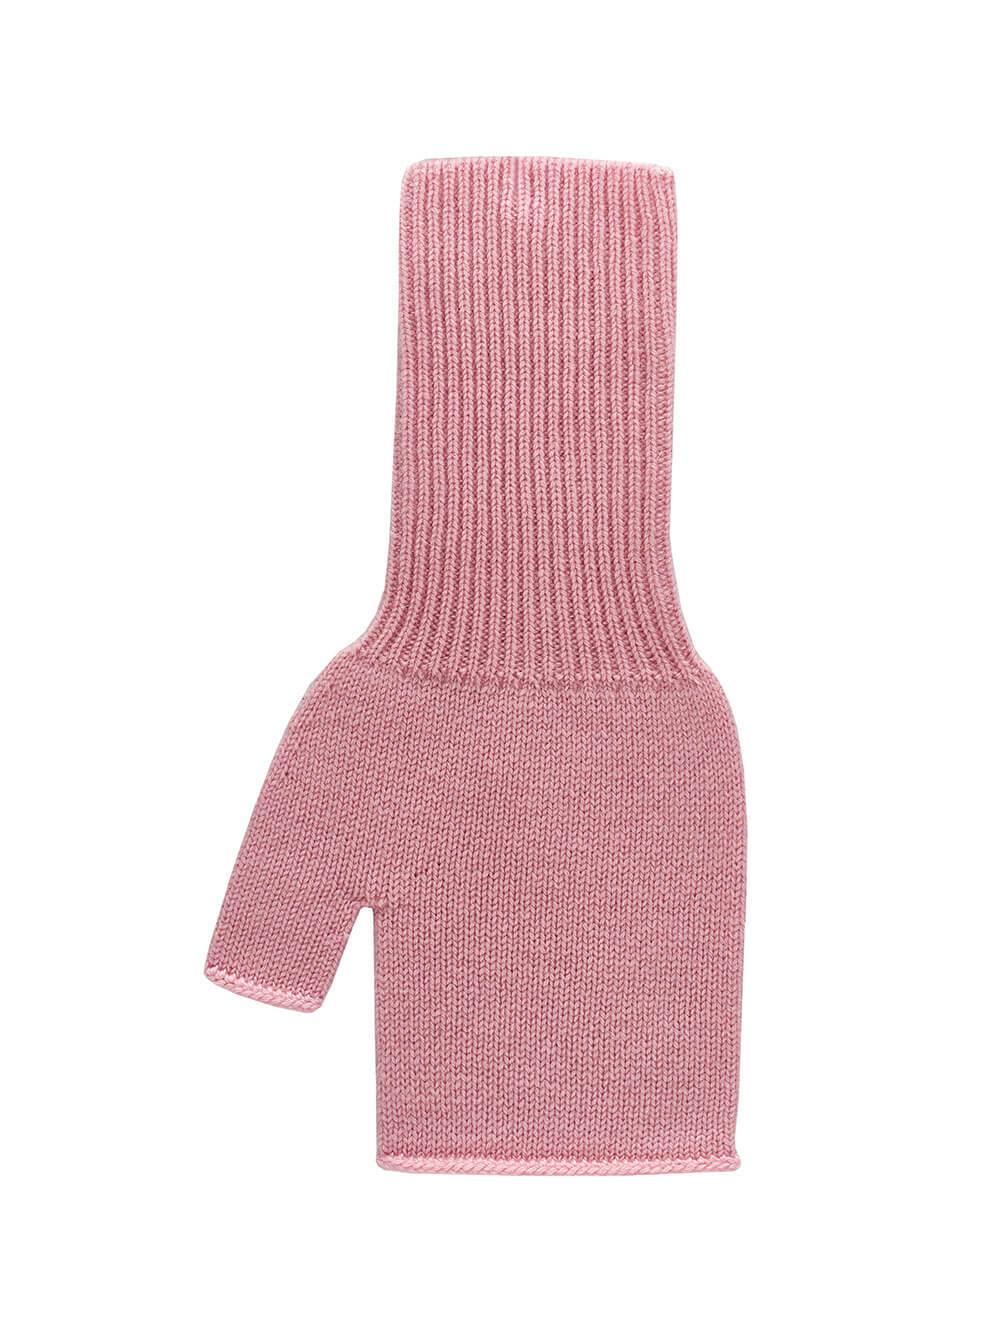 Женские митенки светло-розового цвета из 100% кашемира - фото 1